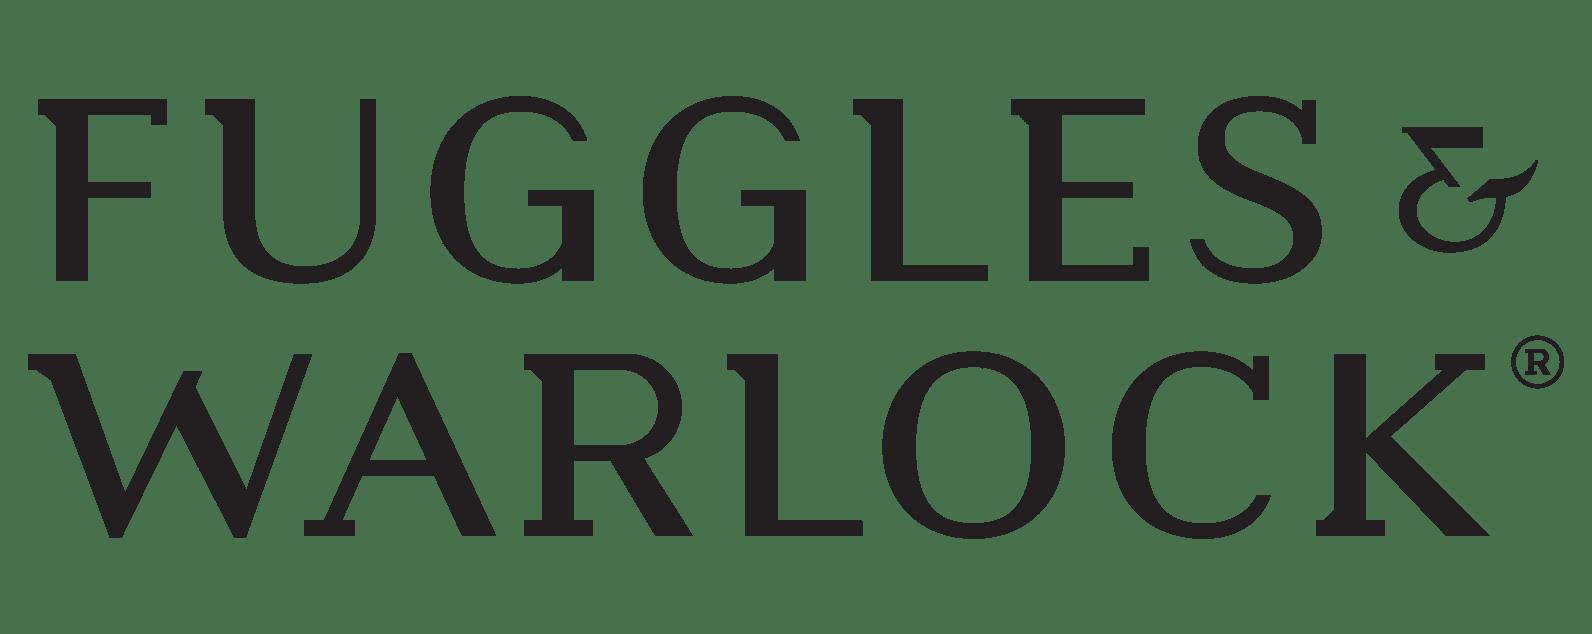 Y5 Creative Case Studies Logo Fuggles Warlock